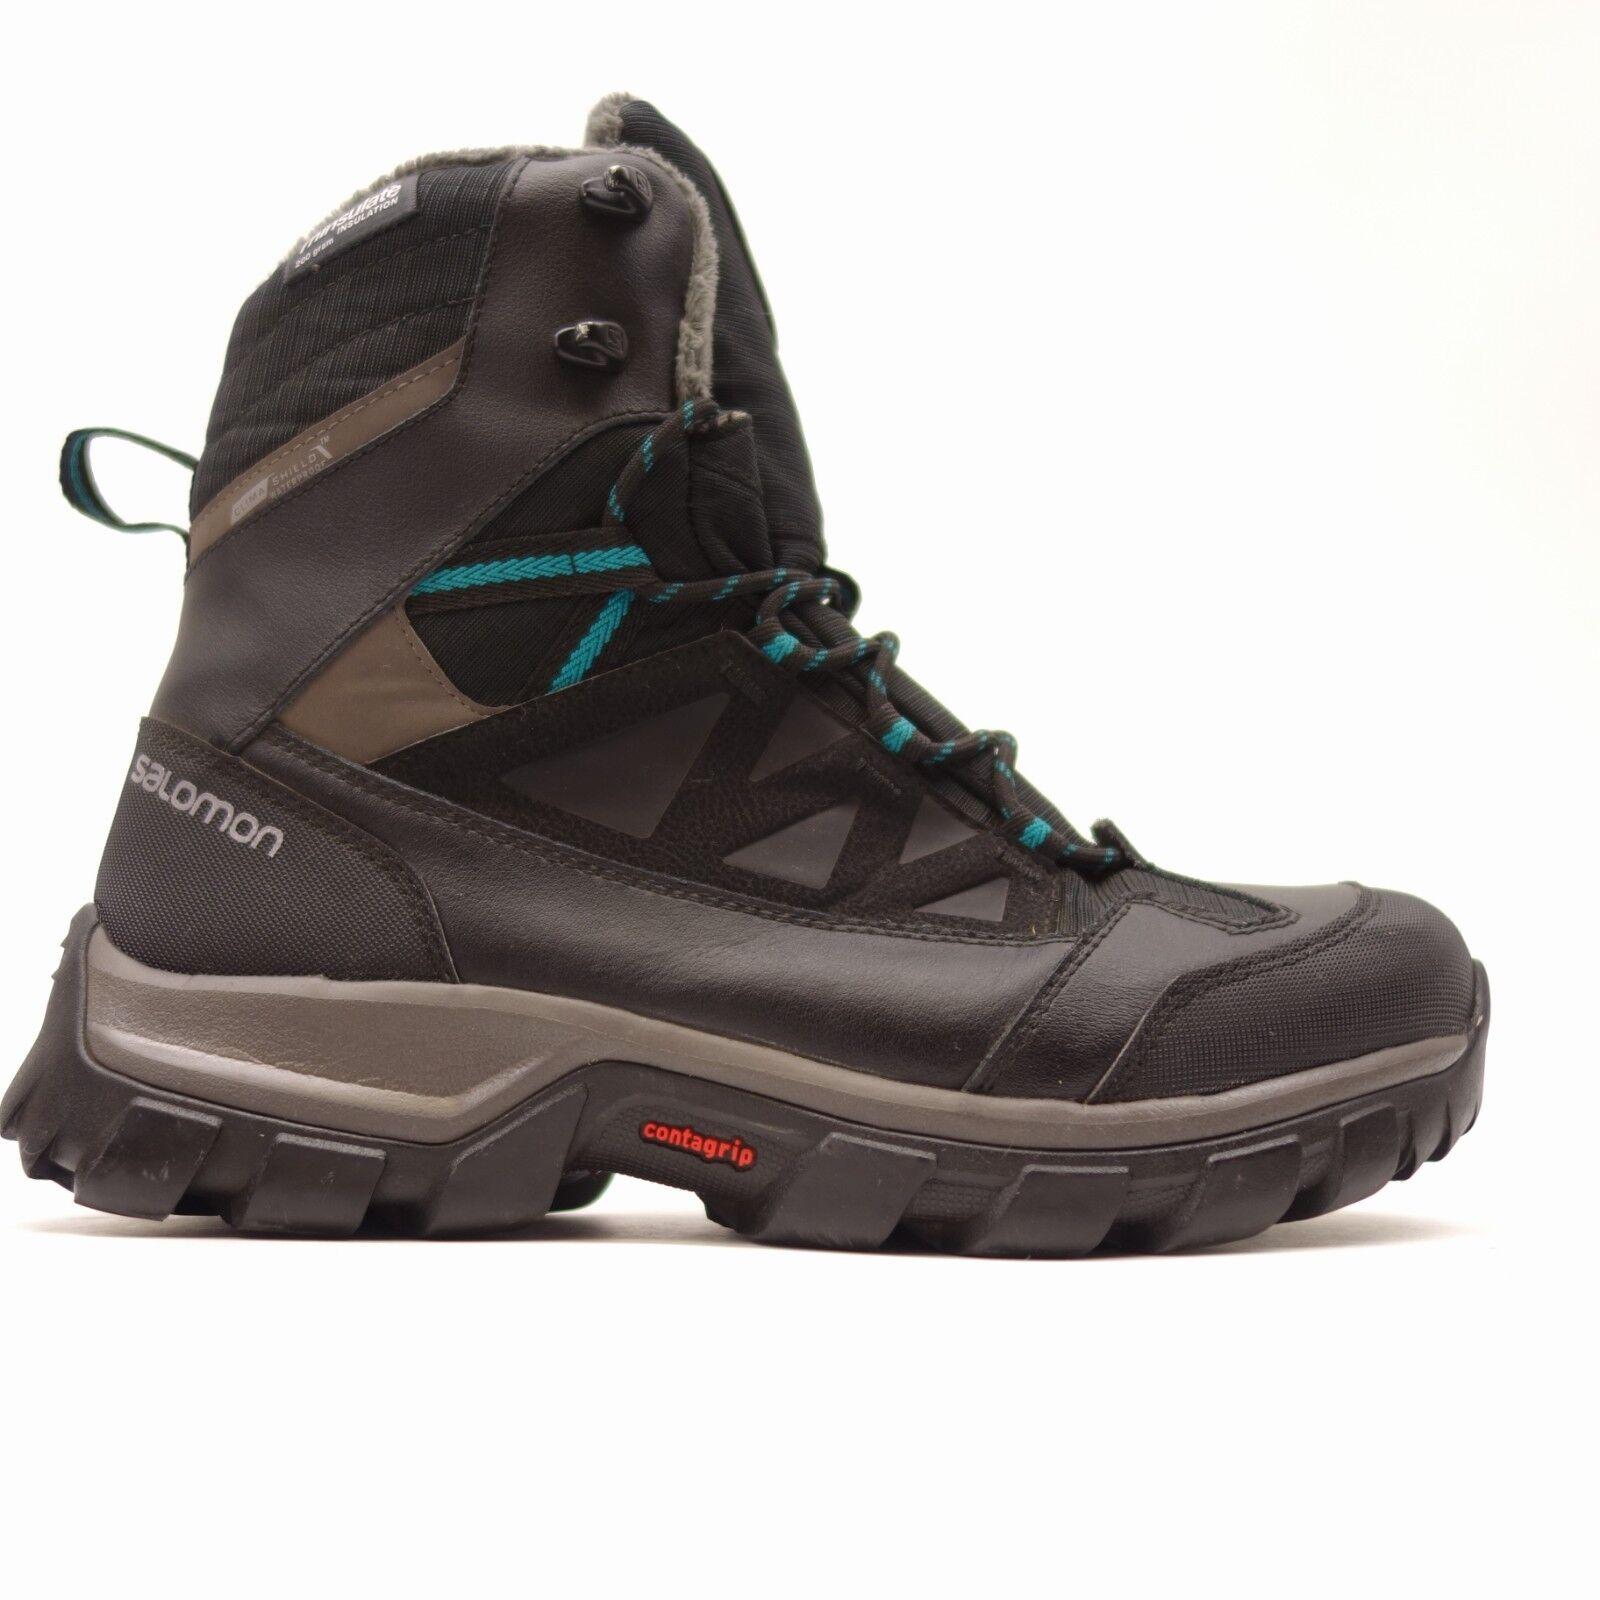 Salomon Damenschuhe Chalten 9 Thinsulate Climashield Waterproof Winter Stiefel Größe 9 Chalten b5e0b9